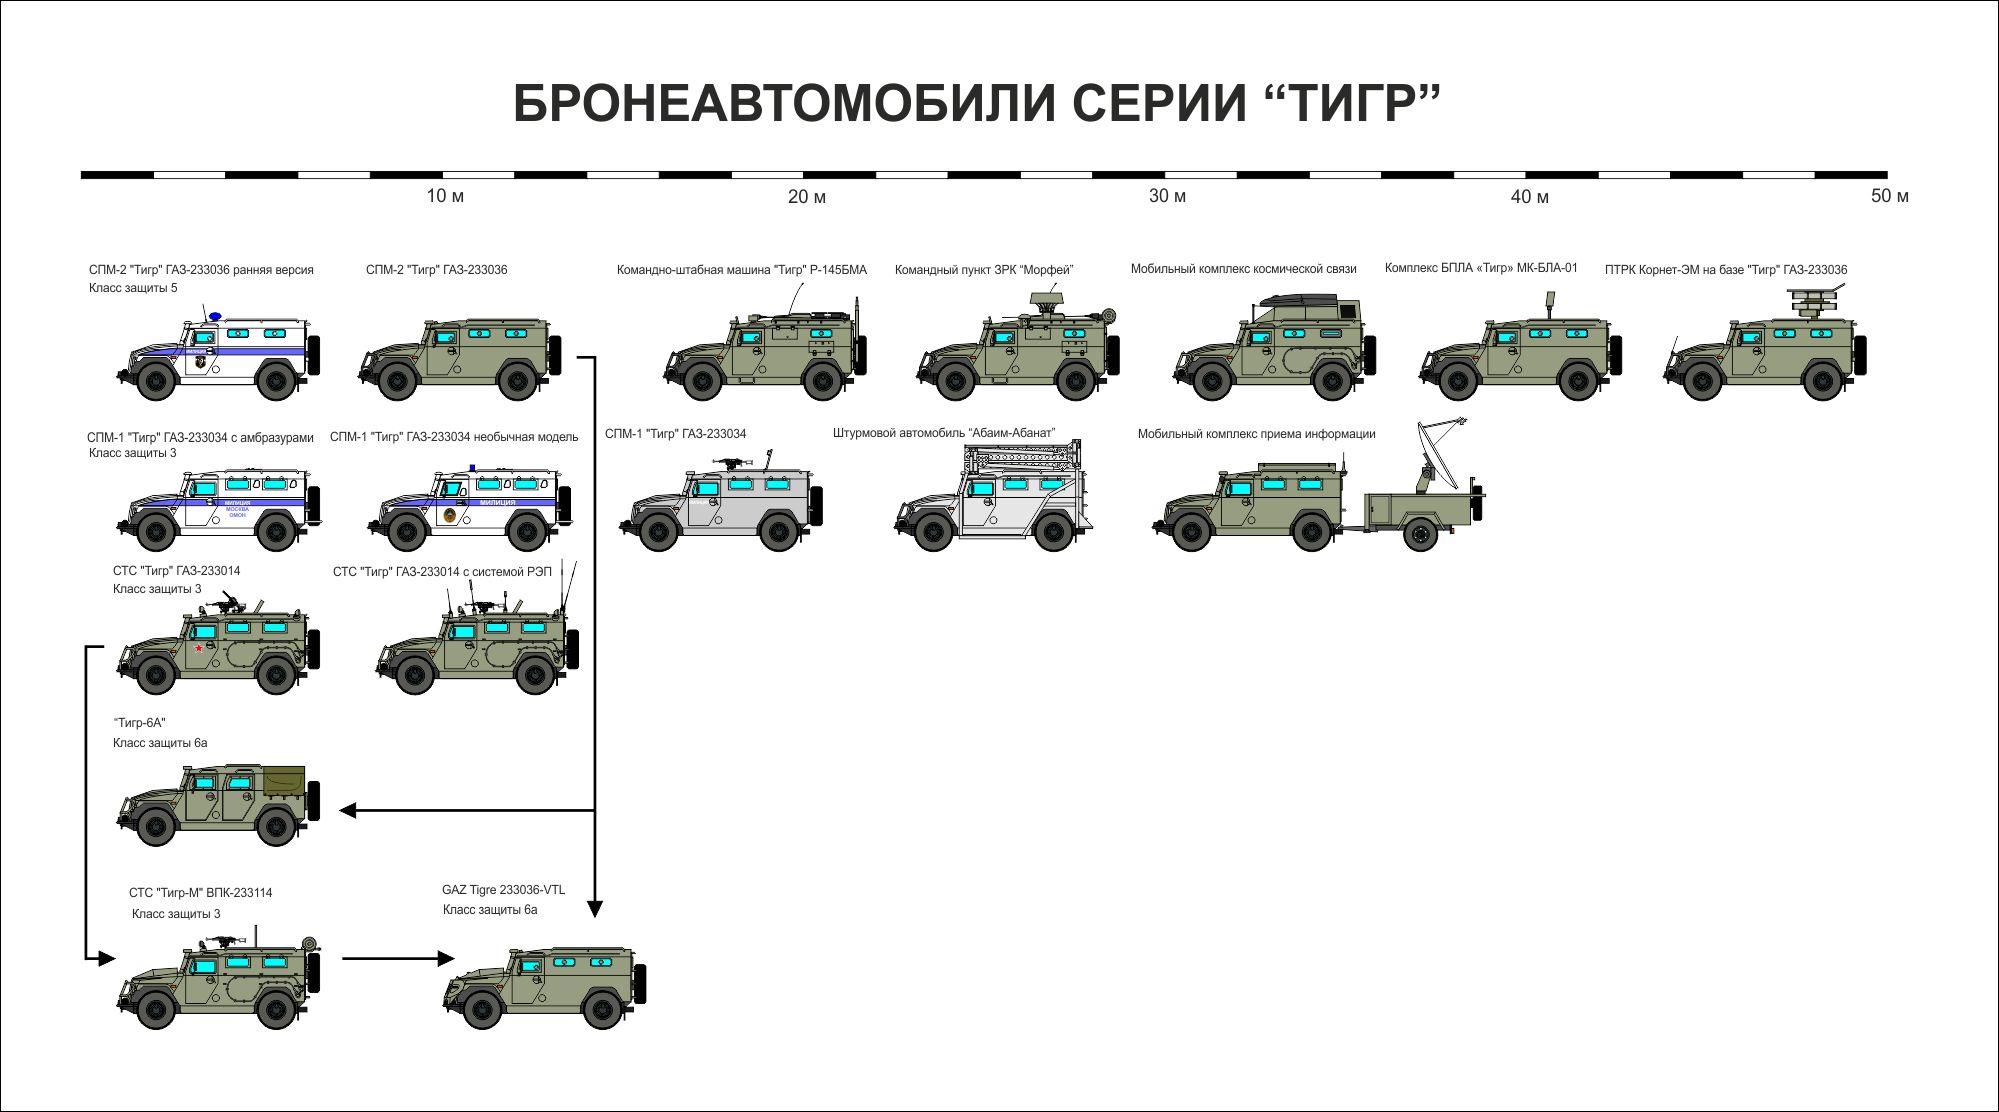 """Бронеавтомобили серии """"Тигр""""."""